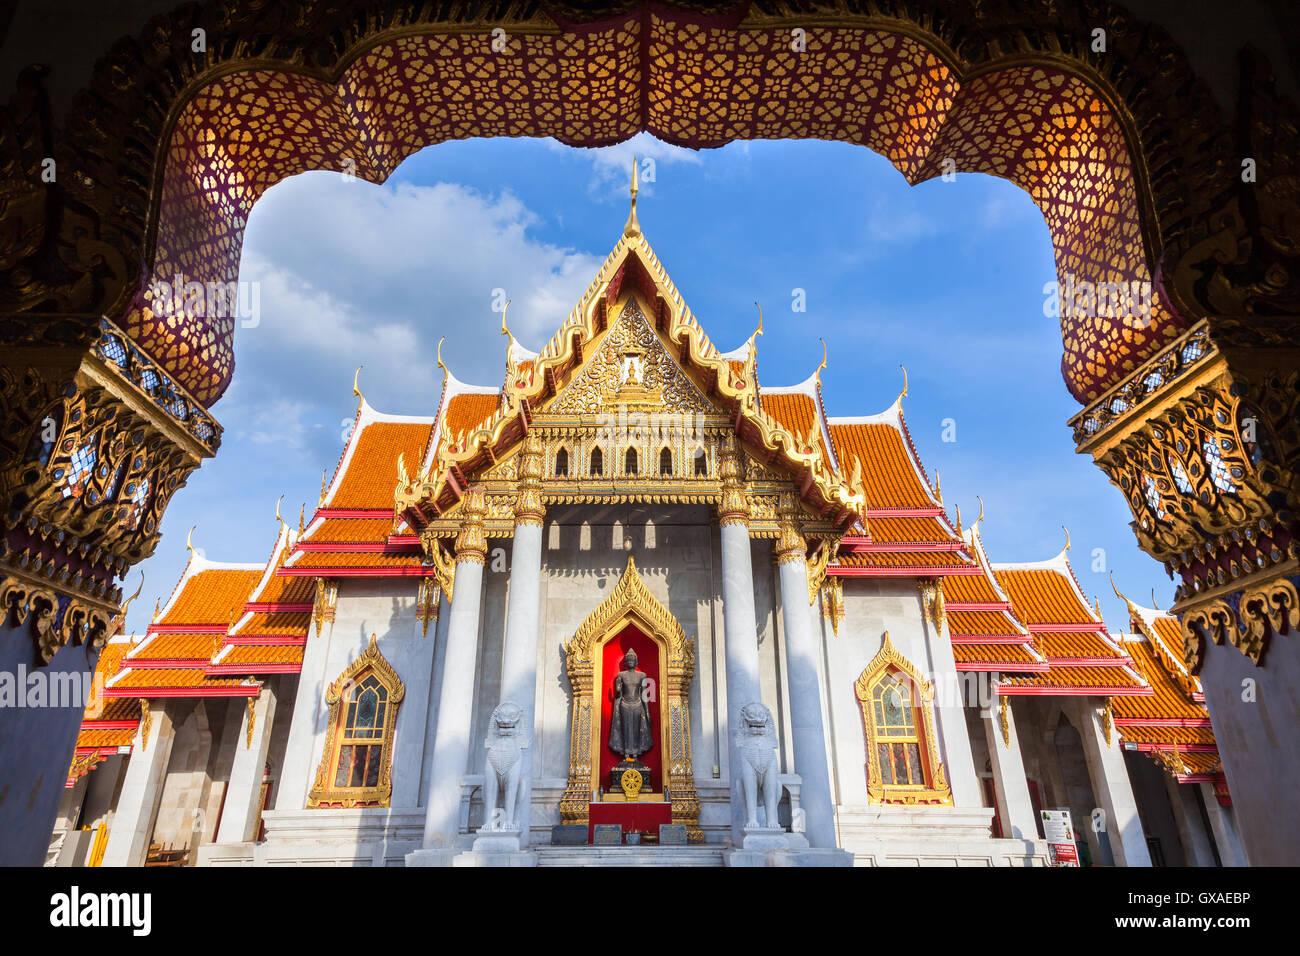 Wat Benchamabophit également connu sous le nom de temple de marbre au coucher du soleil, Bangkok, Thaïlande Photo Stock